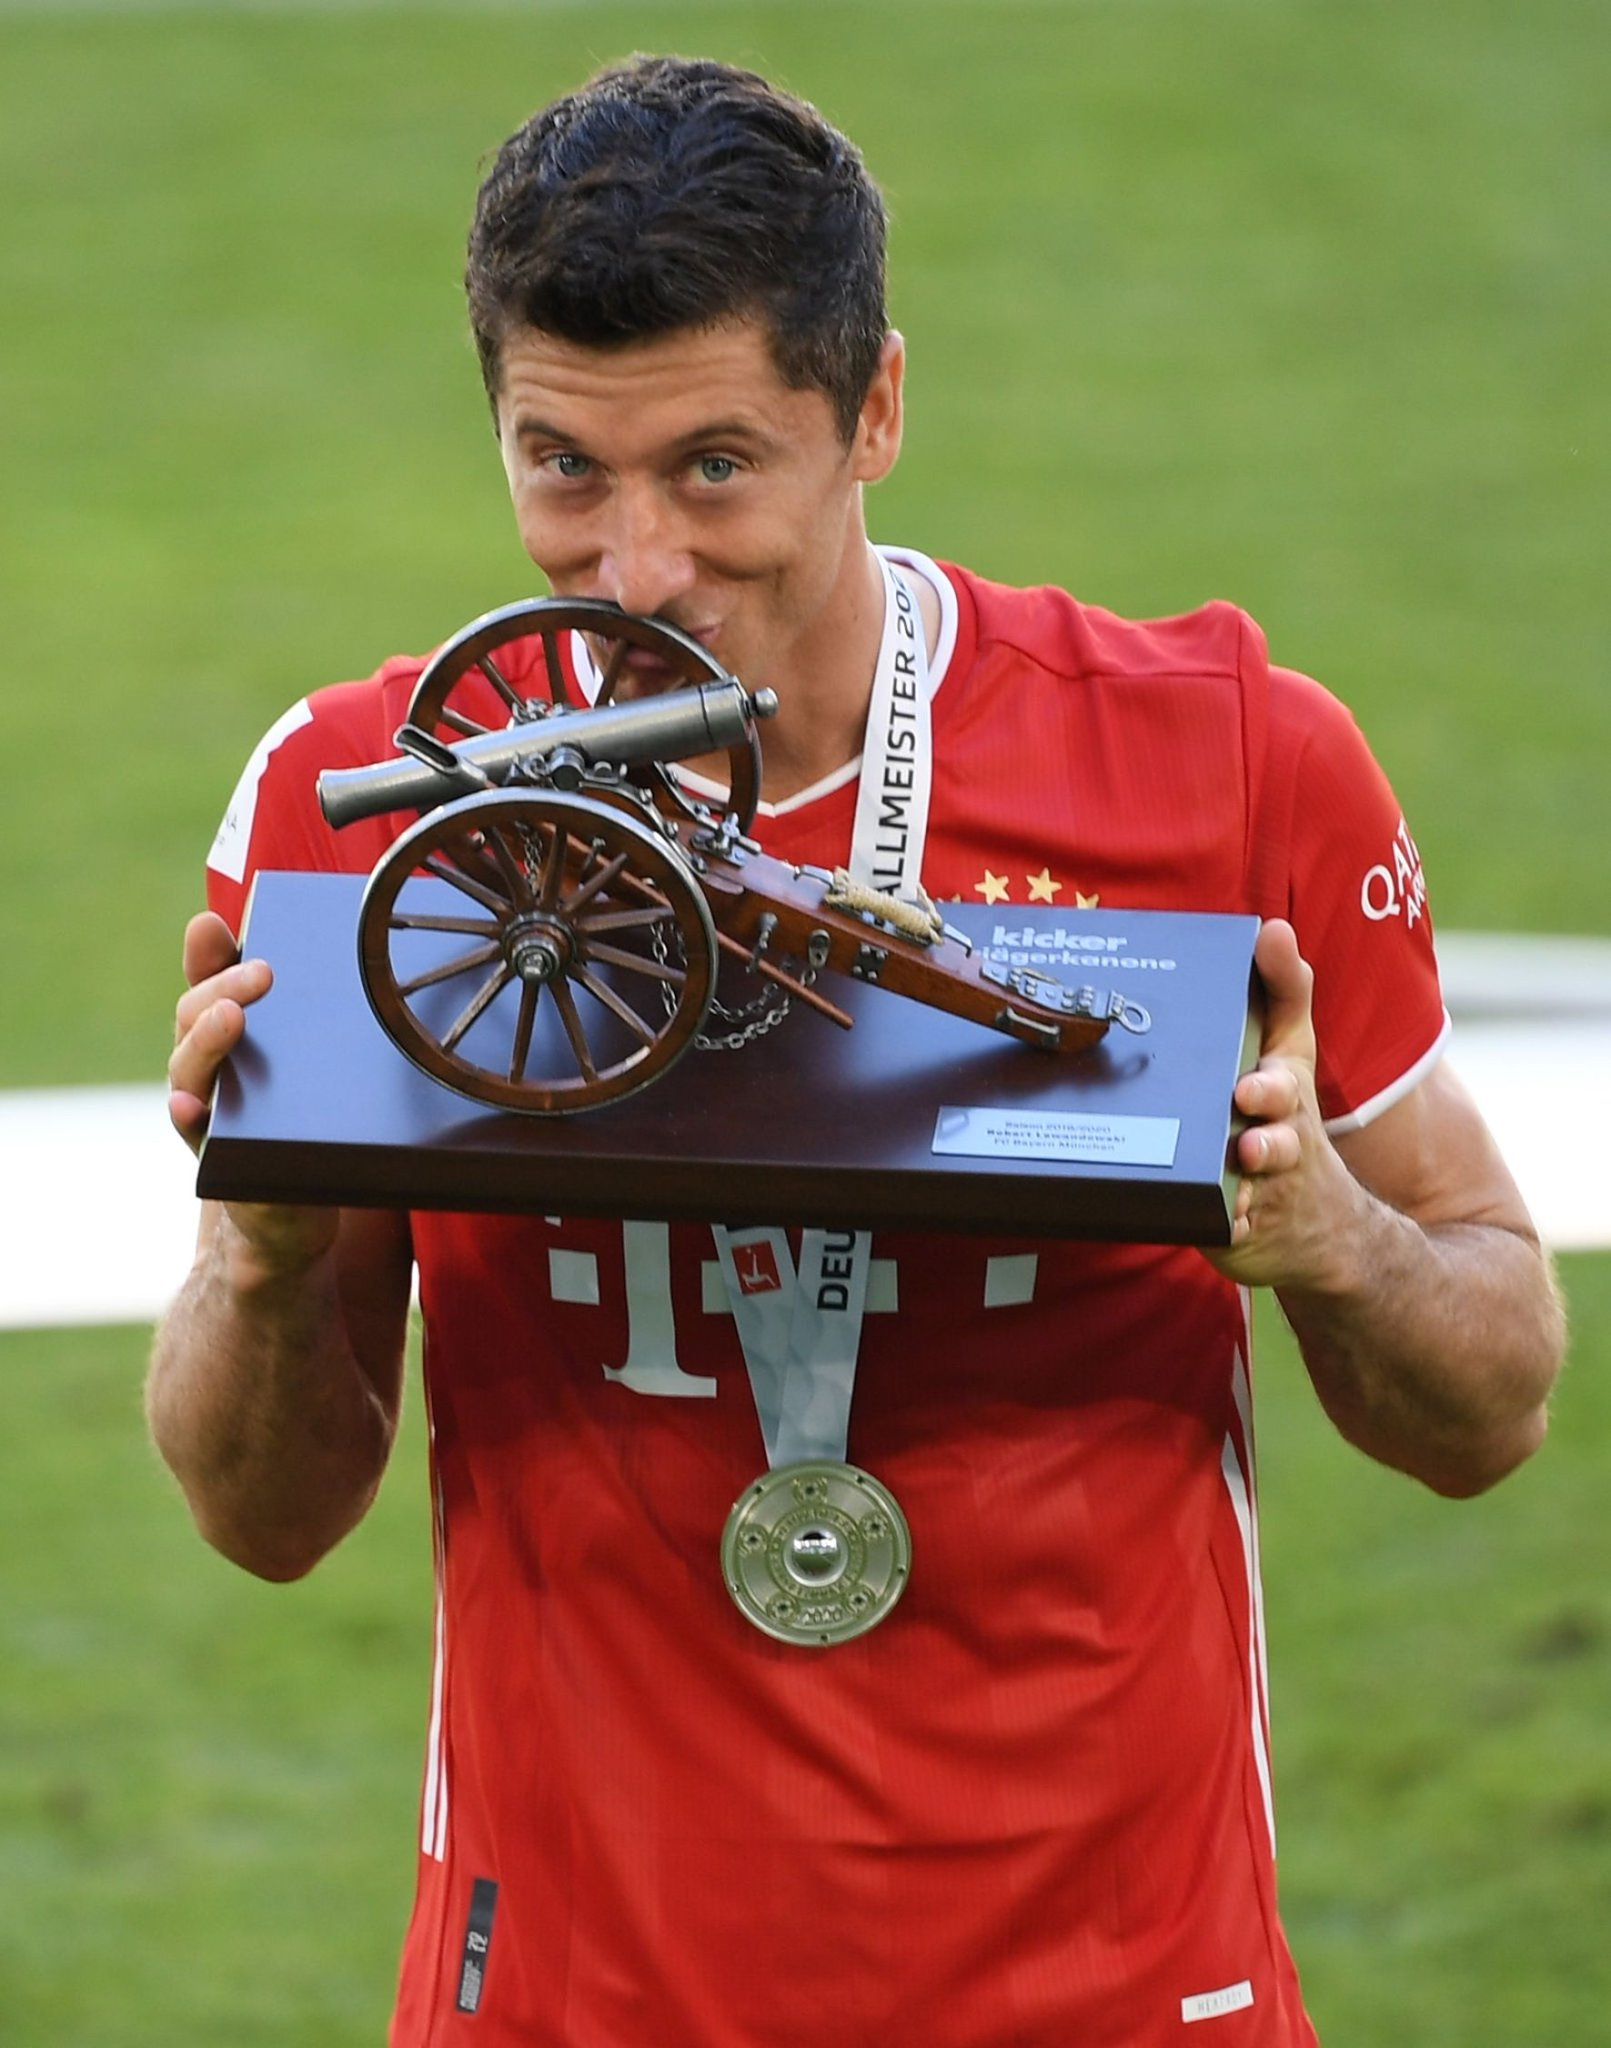 ليفاندوفسكى مع جائزة هداف الدوريي الالمانى (4)